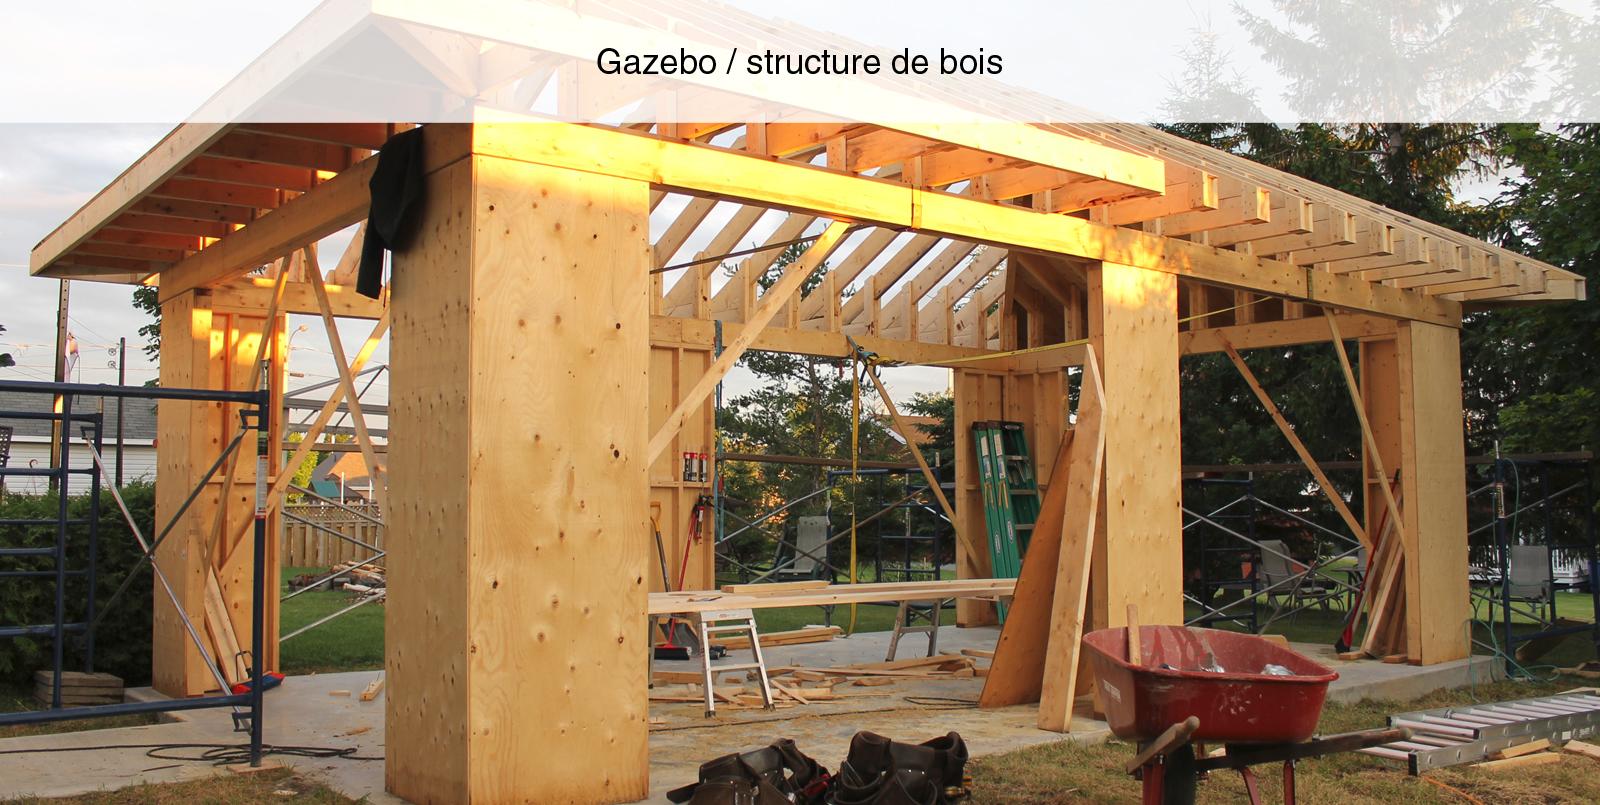 7-1-PANACHE-CONSTRUCTION-RENOVATION-GAZEBO-STRUCTURE-DE-BOIS